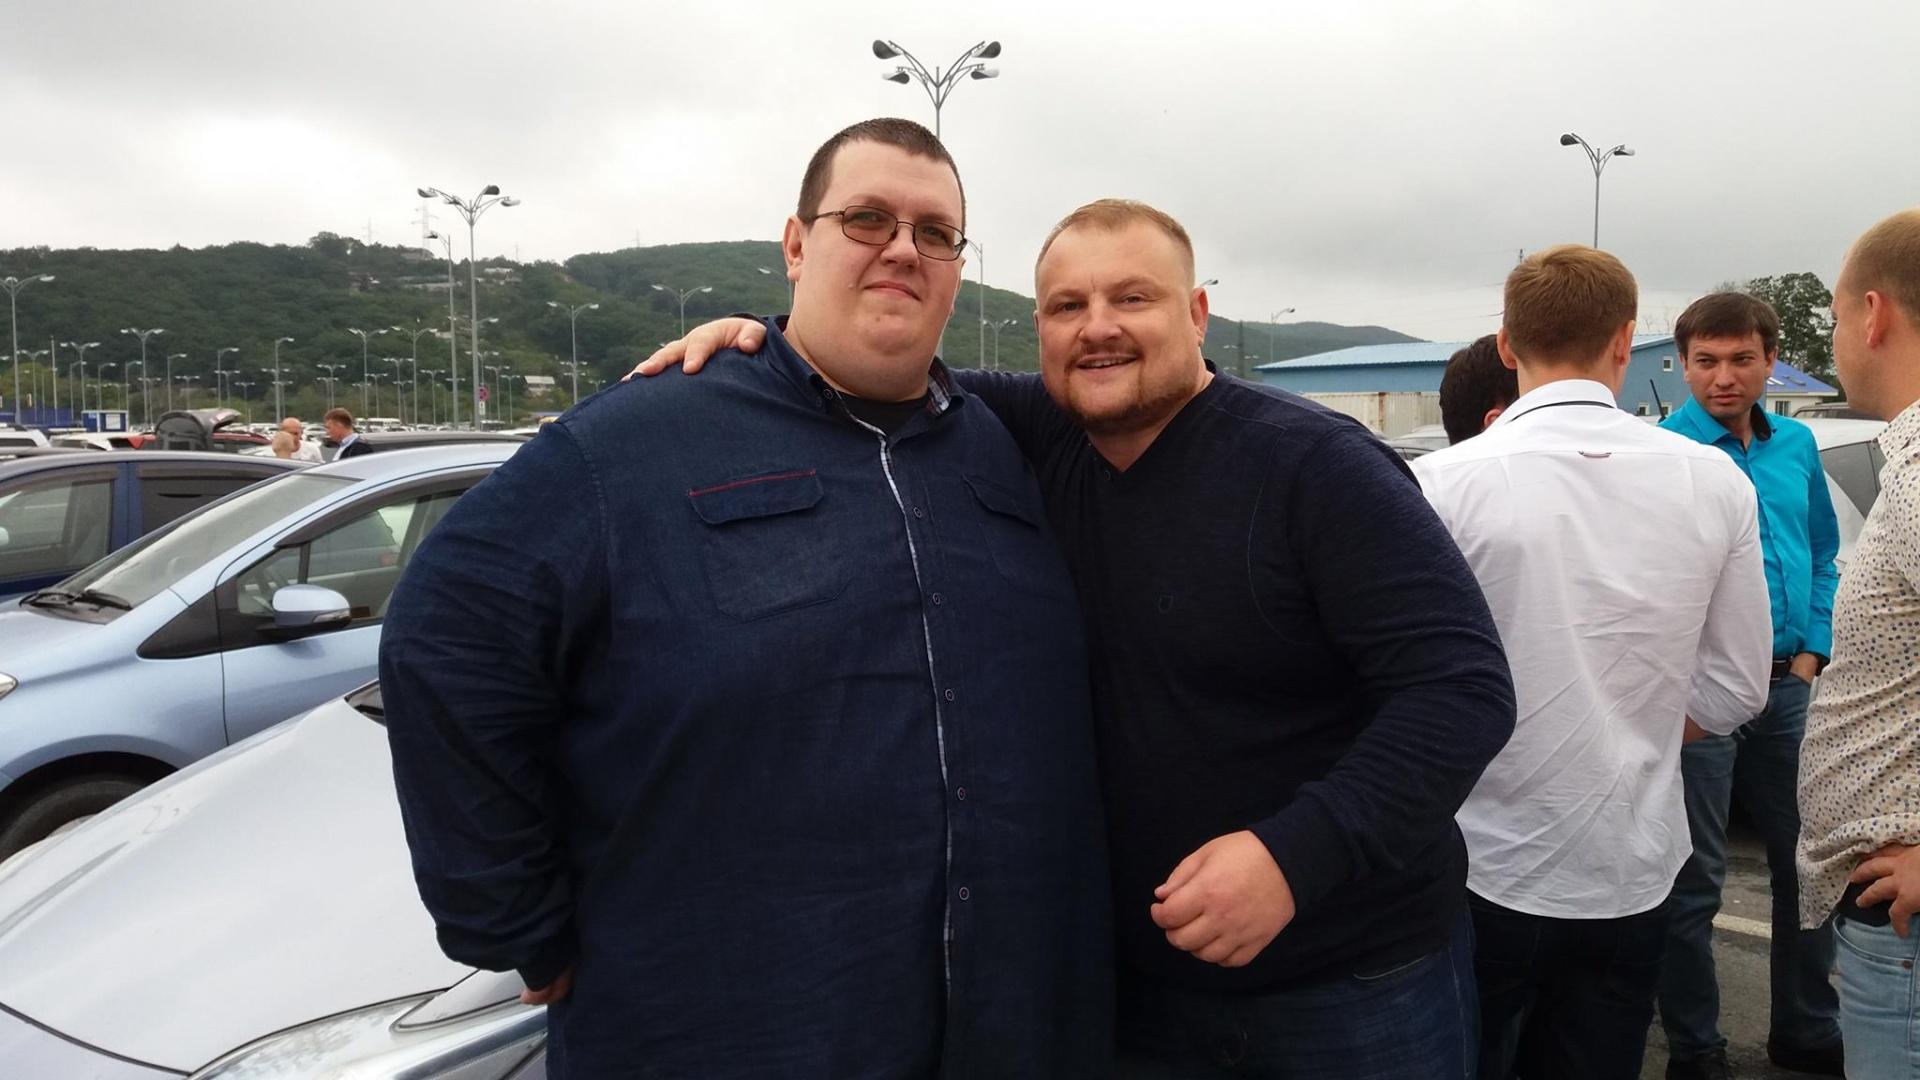 Алексей со своим стройным другом два года назад, теперь они примерно одной массы